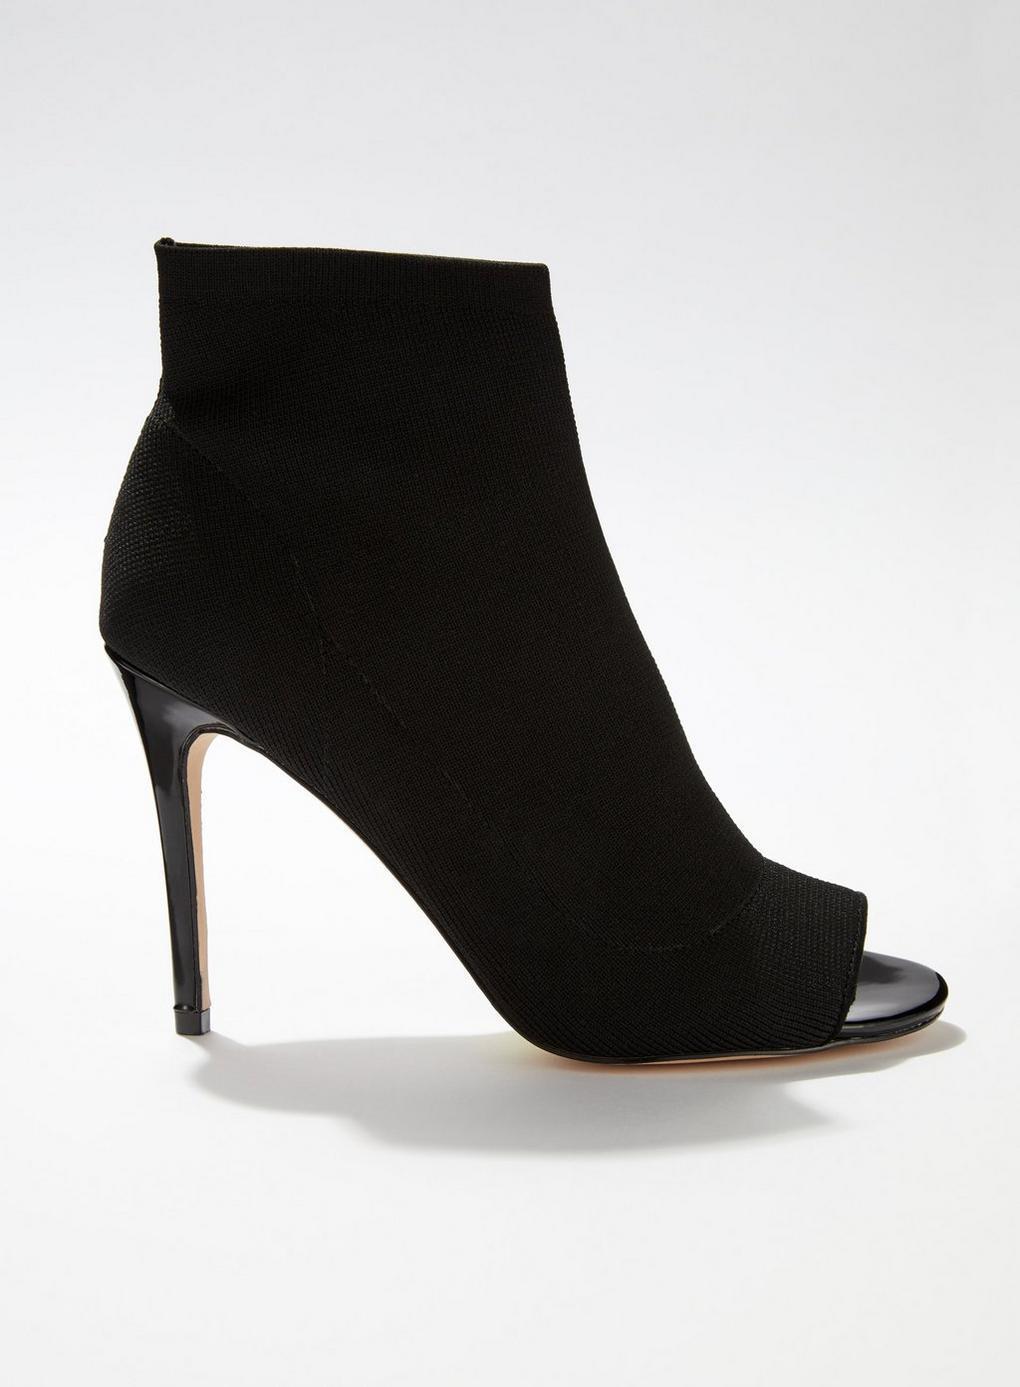 a634c71e6f746 Lyst - Miss Selfridge Apollo Black Peep Toe Stiletto Boots in Black